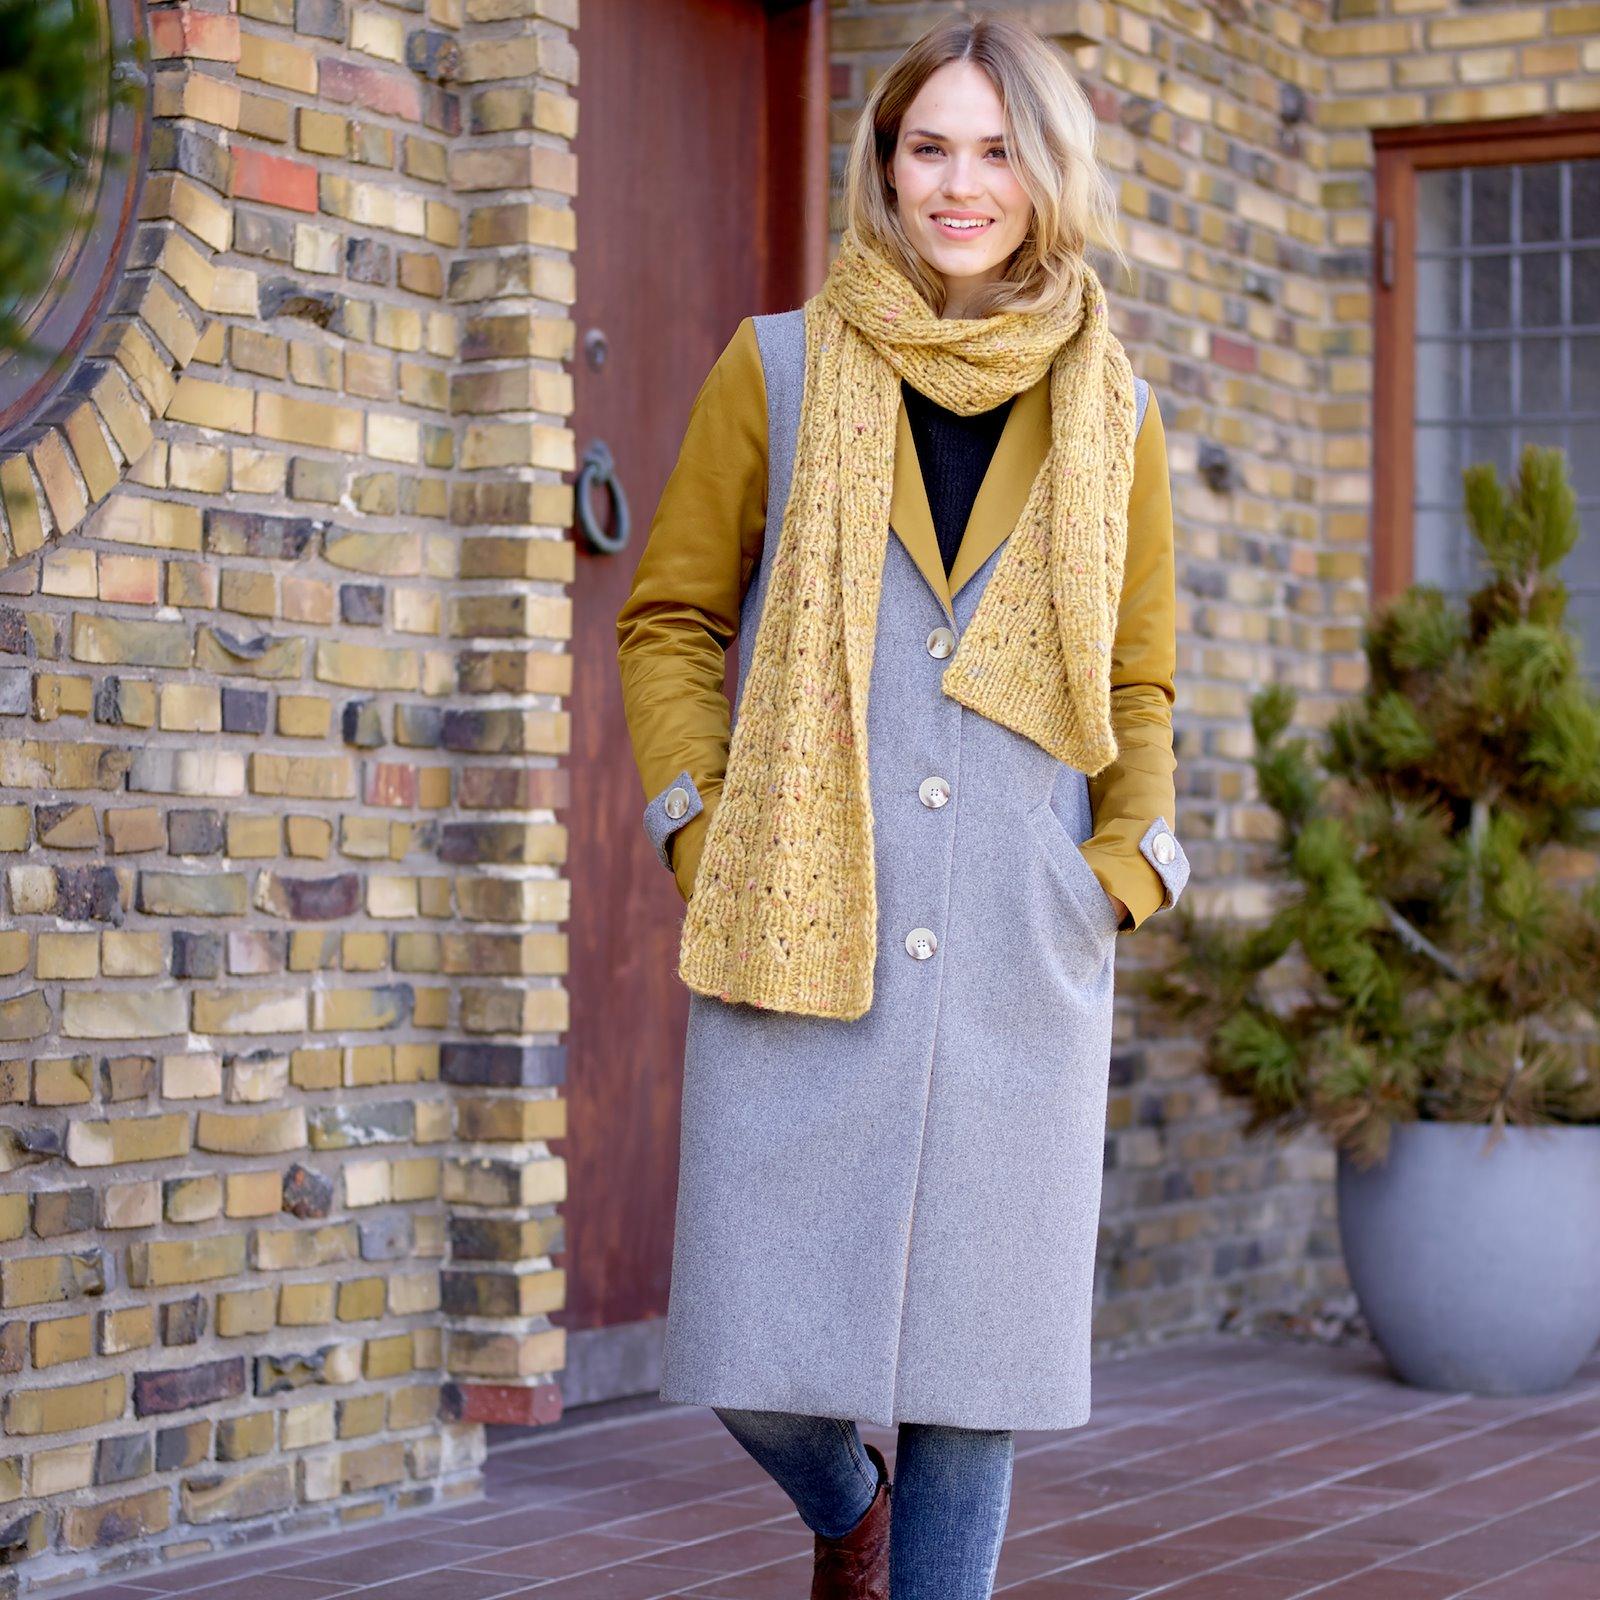 Long coat, 38/10 p24041_300130_450818_5005_21338_40239_sskit